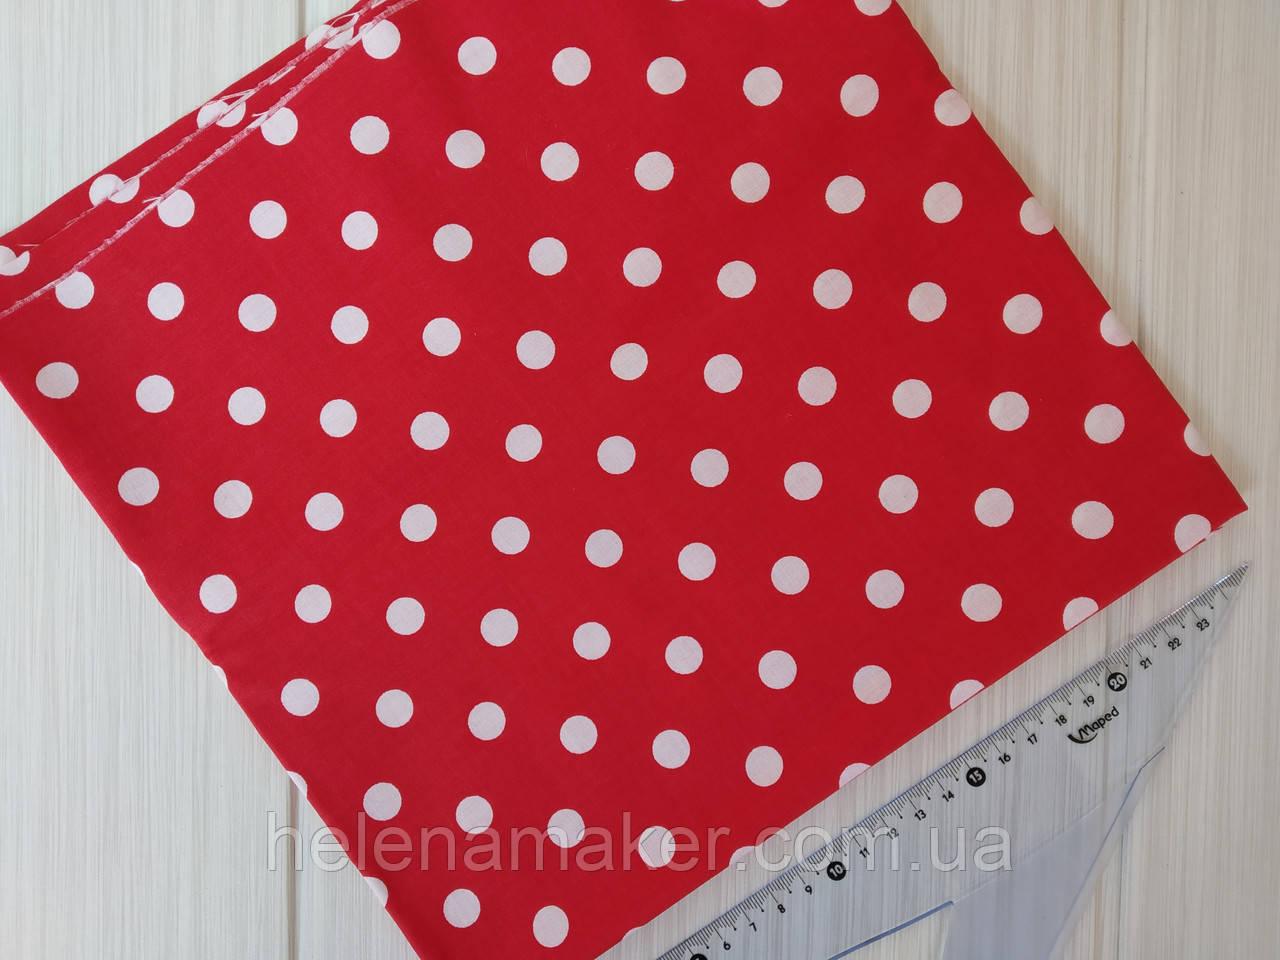 Отрез ткани красный в белый горошек 11 мм. Размер отреза 50*50 см